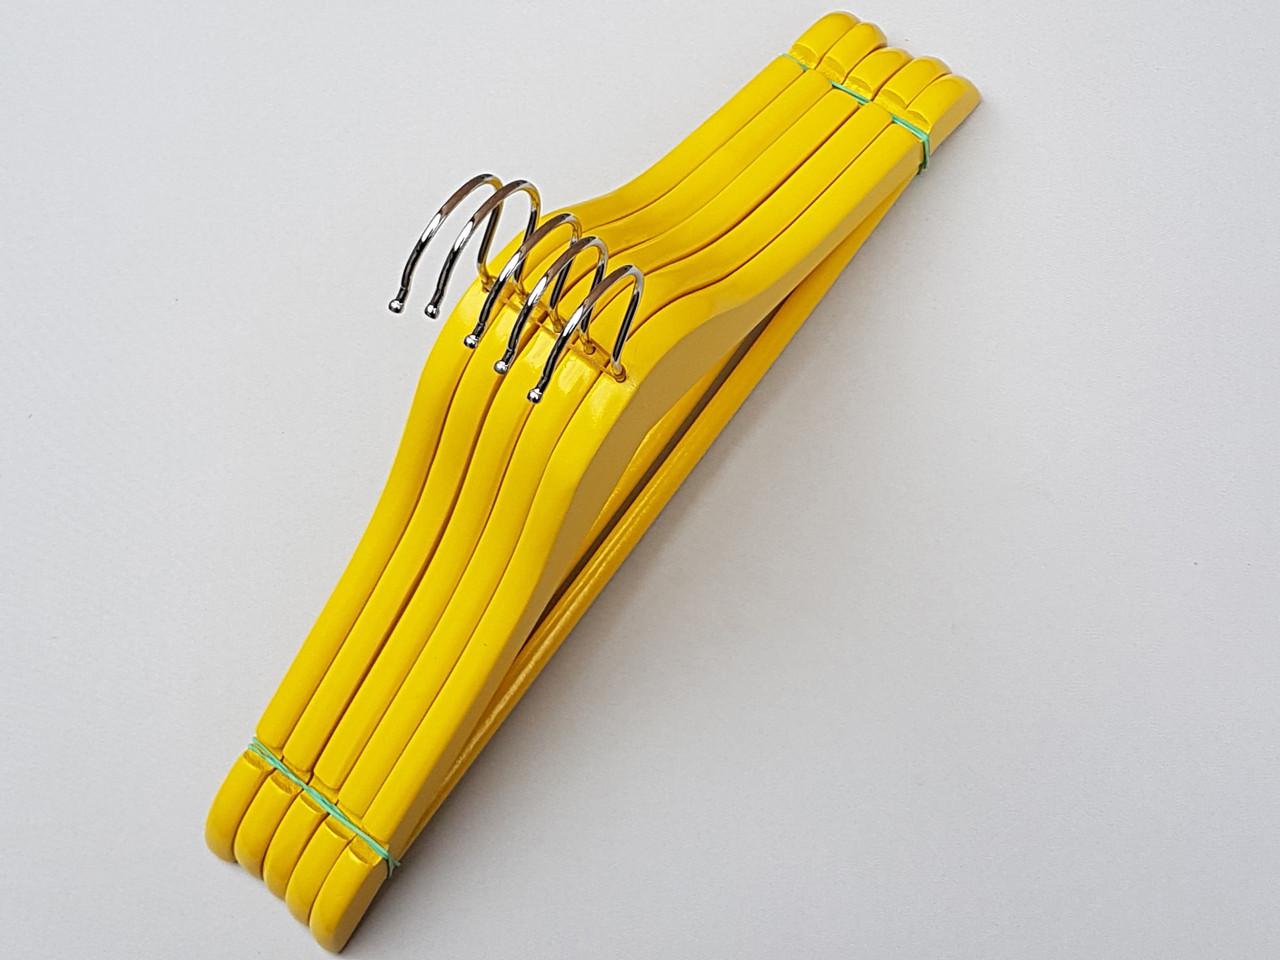 Длина 38 см. Плечики детские деревянные желтого цвета, 5  штук в упаковке